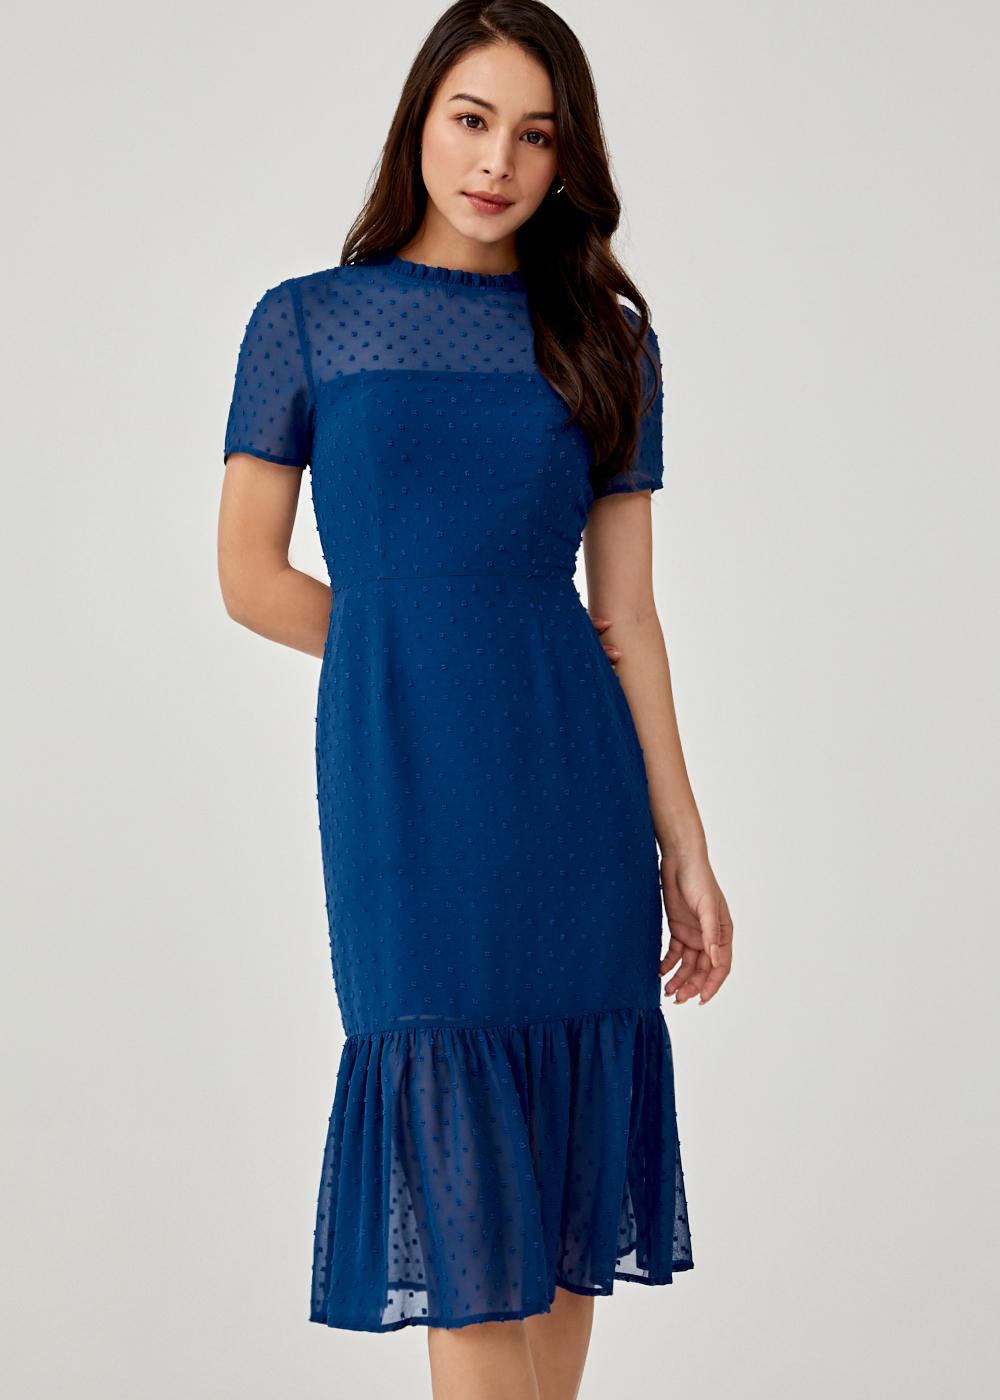 Vivienne Jacquard Ruffle Hem Dress